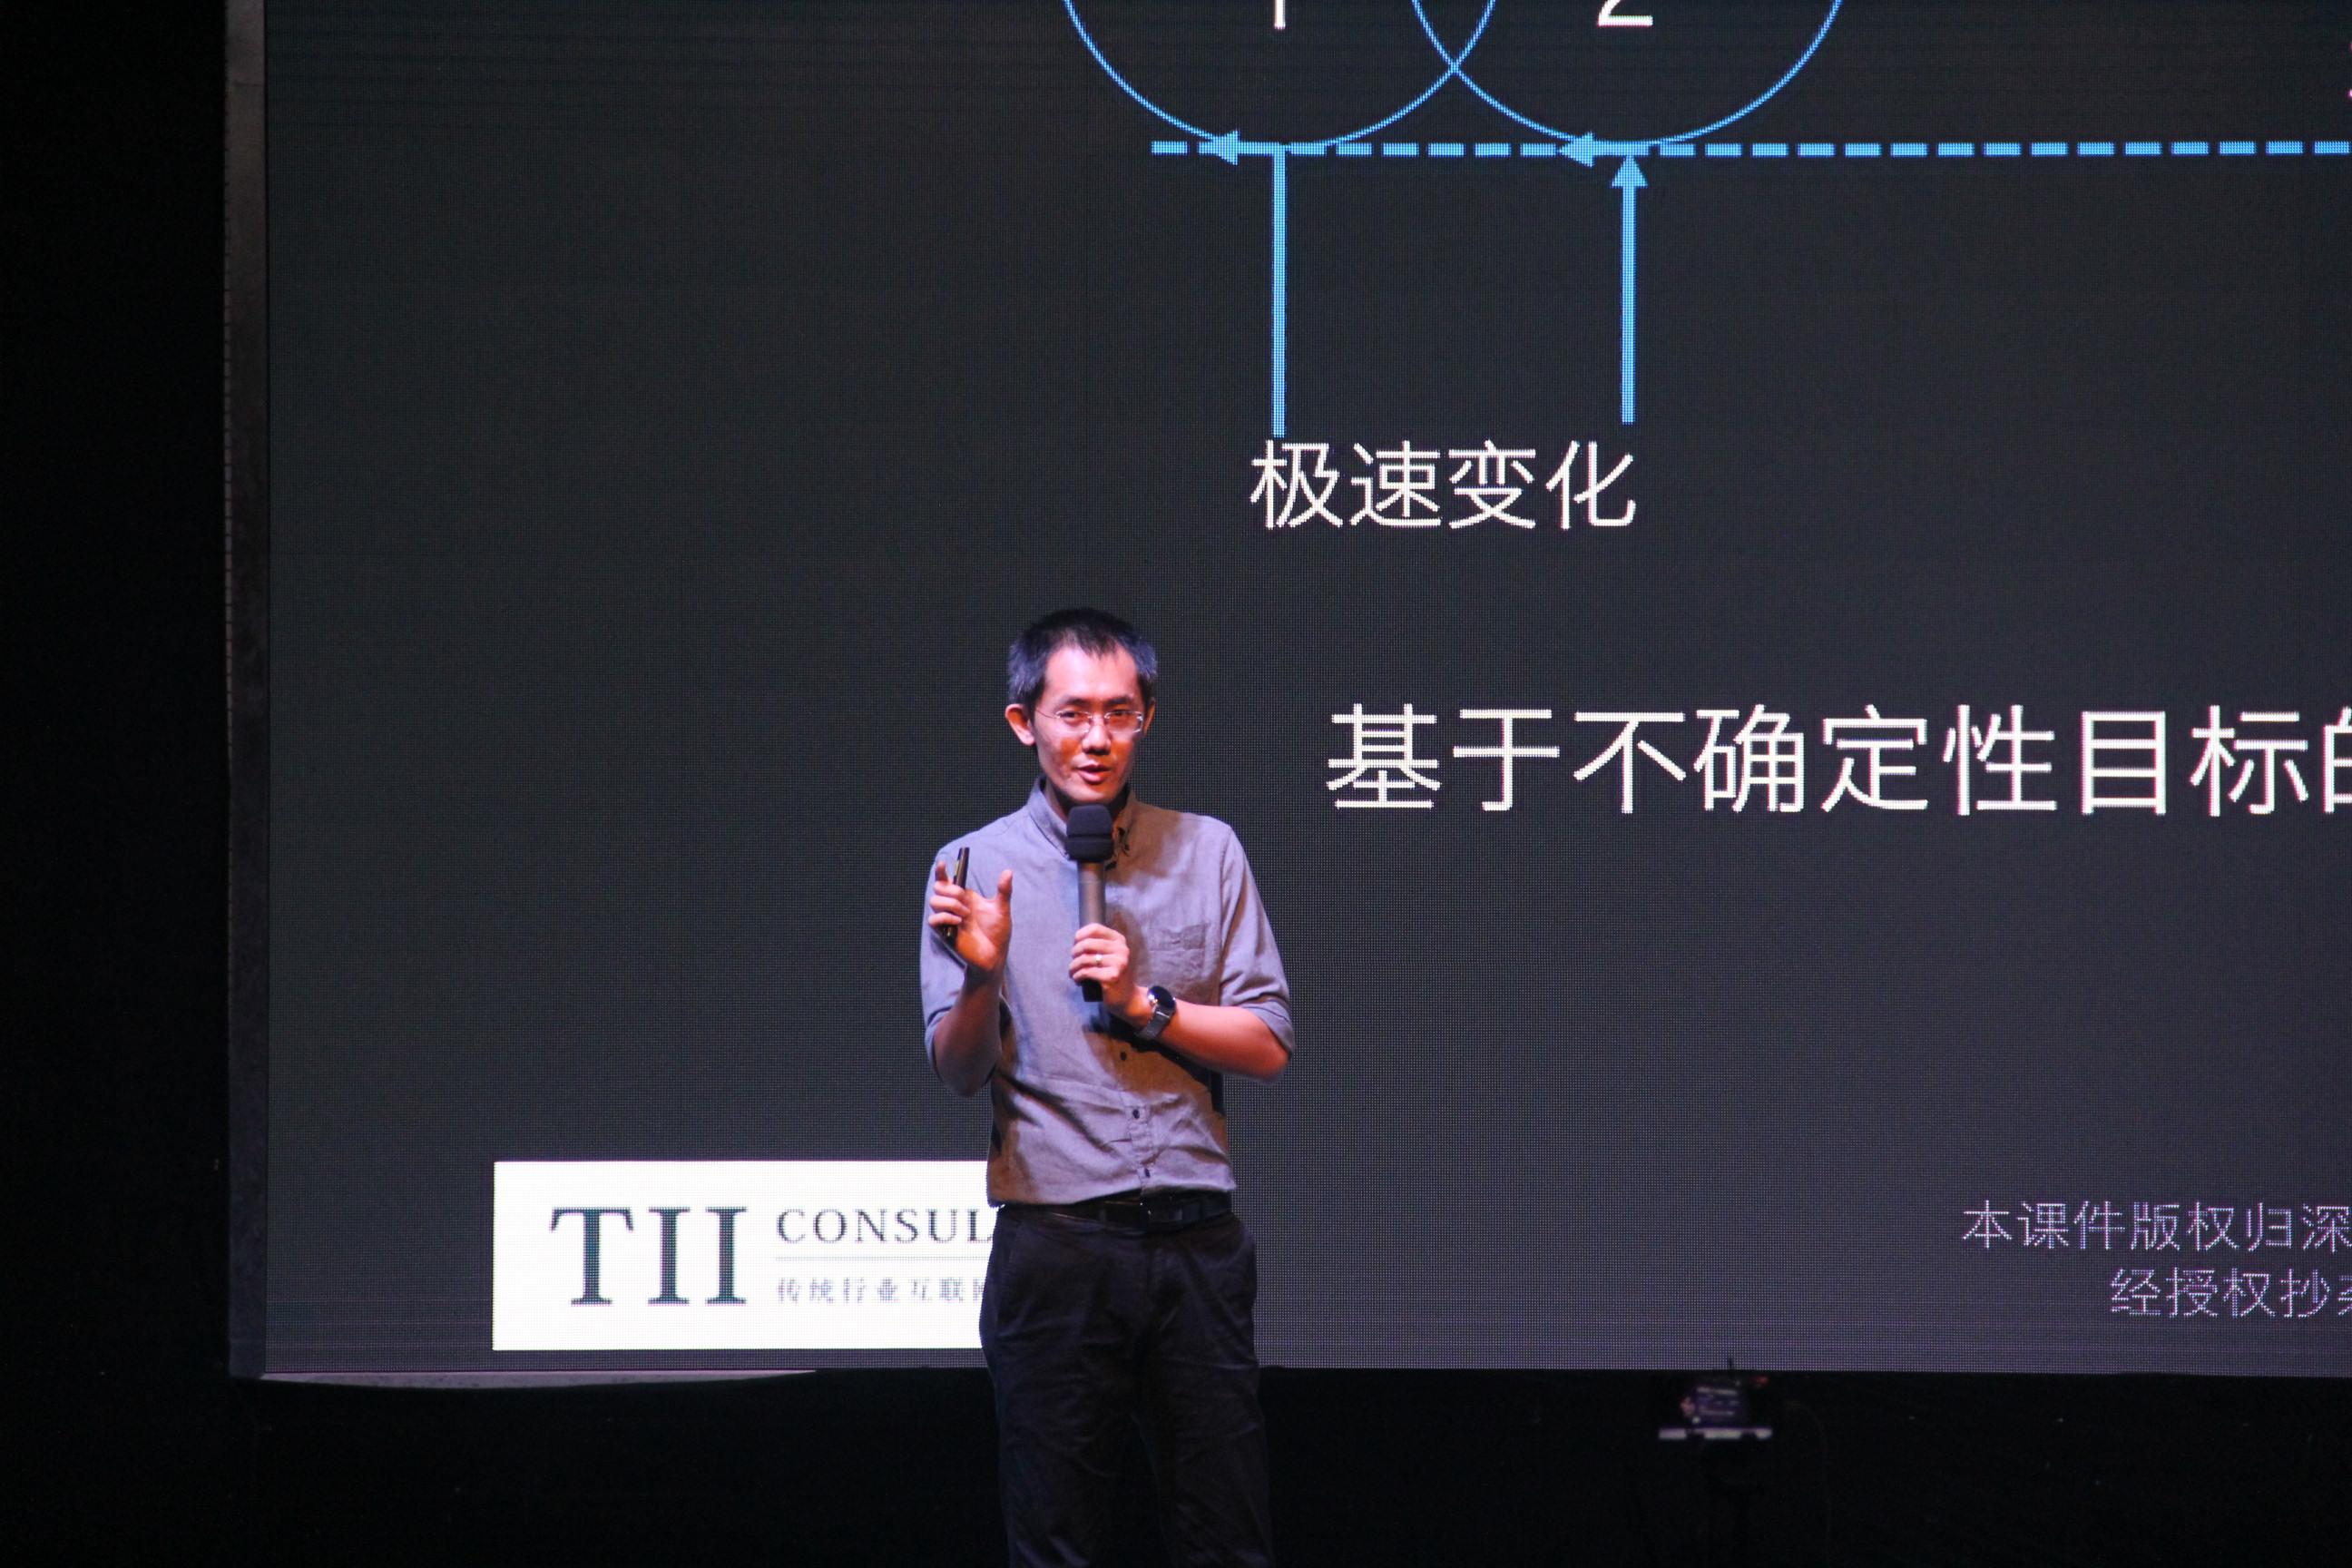 """创业者_深圳创业者抱团""""深造"""", """"互联网+""""不只是概念-搜狐财经"""